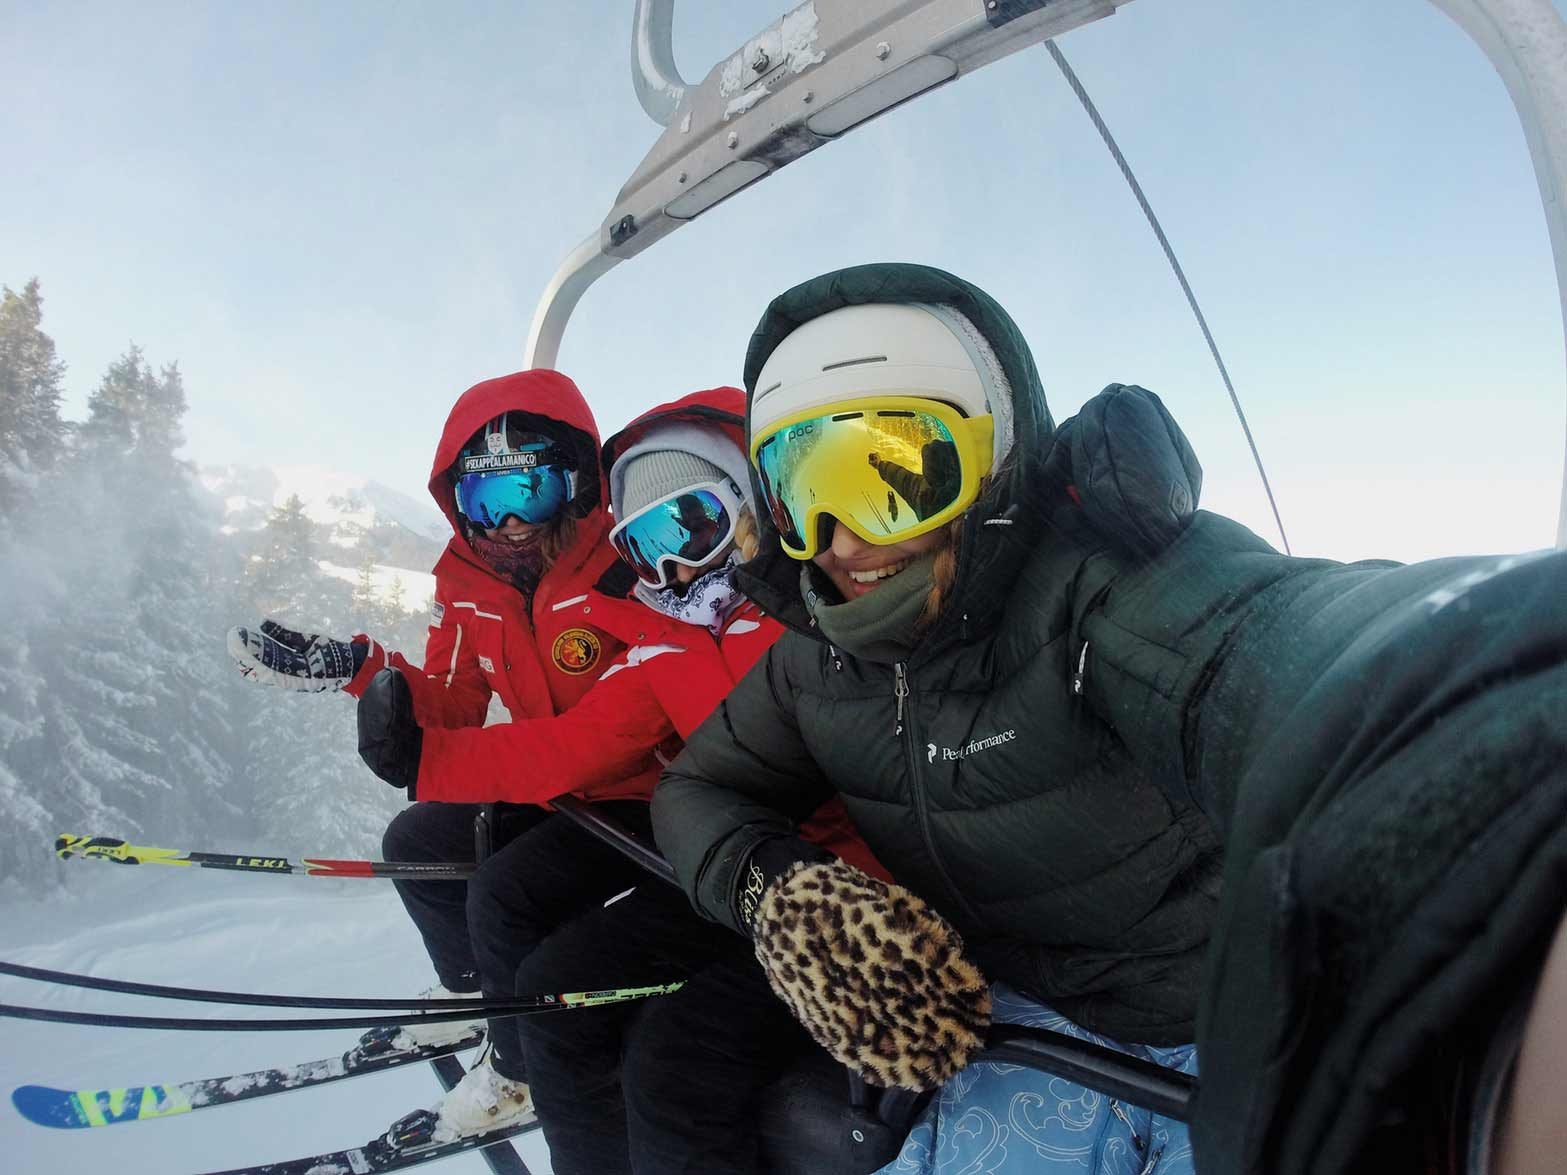 Esquiar en Semana Santa: ¿Hay mejor plan para despedir la temporada?